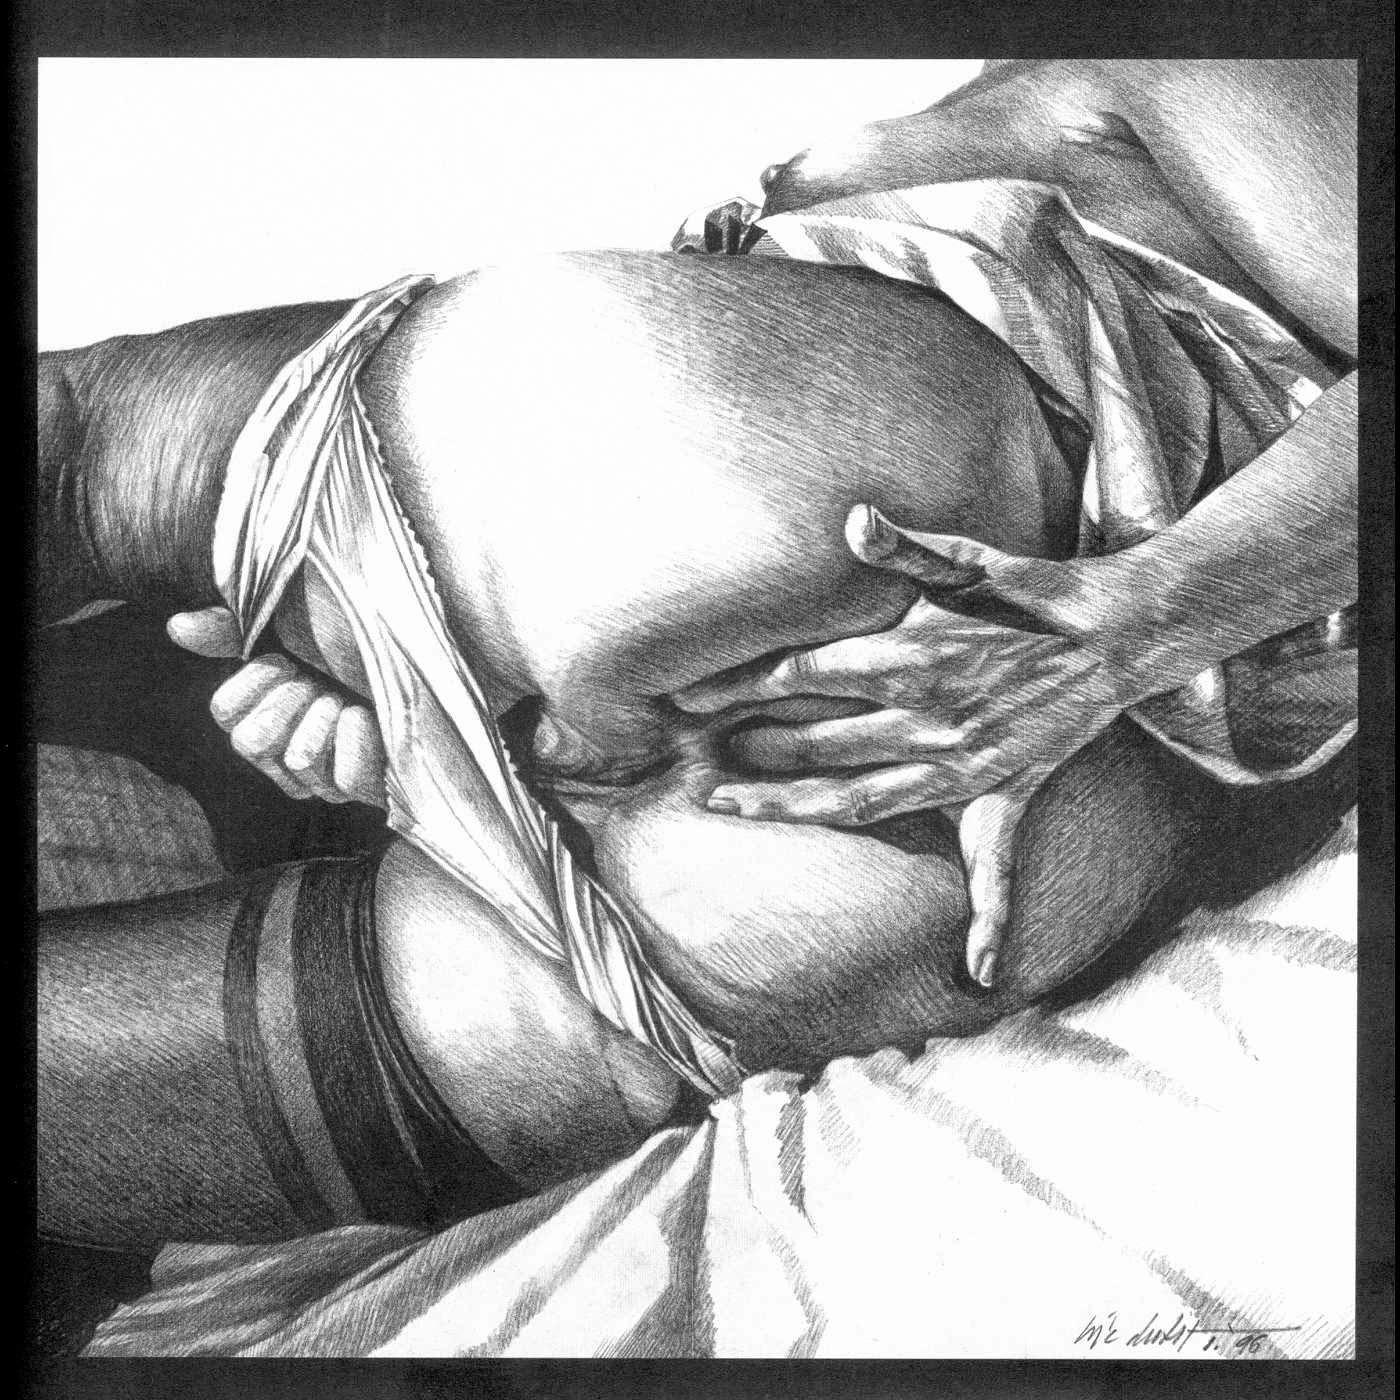 помните точно, мастурбация с карандашом порно жизни